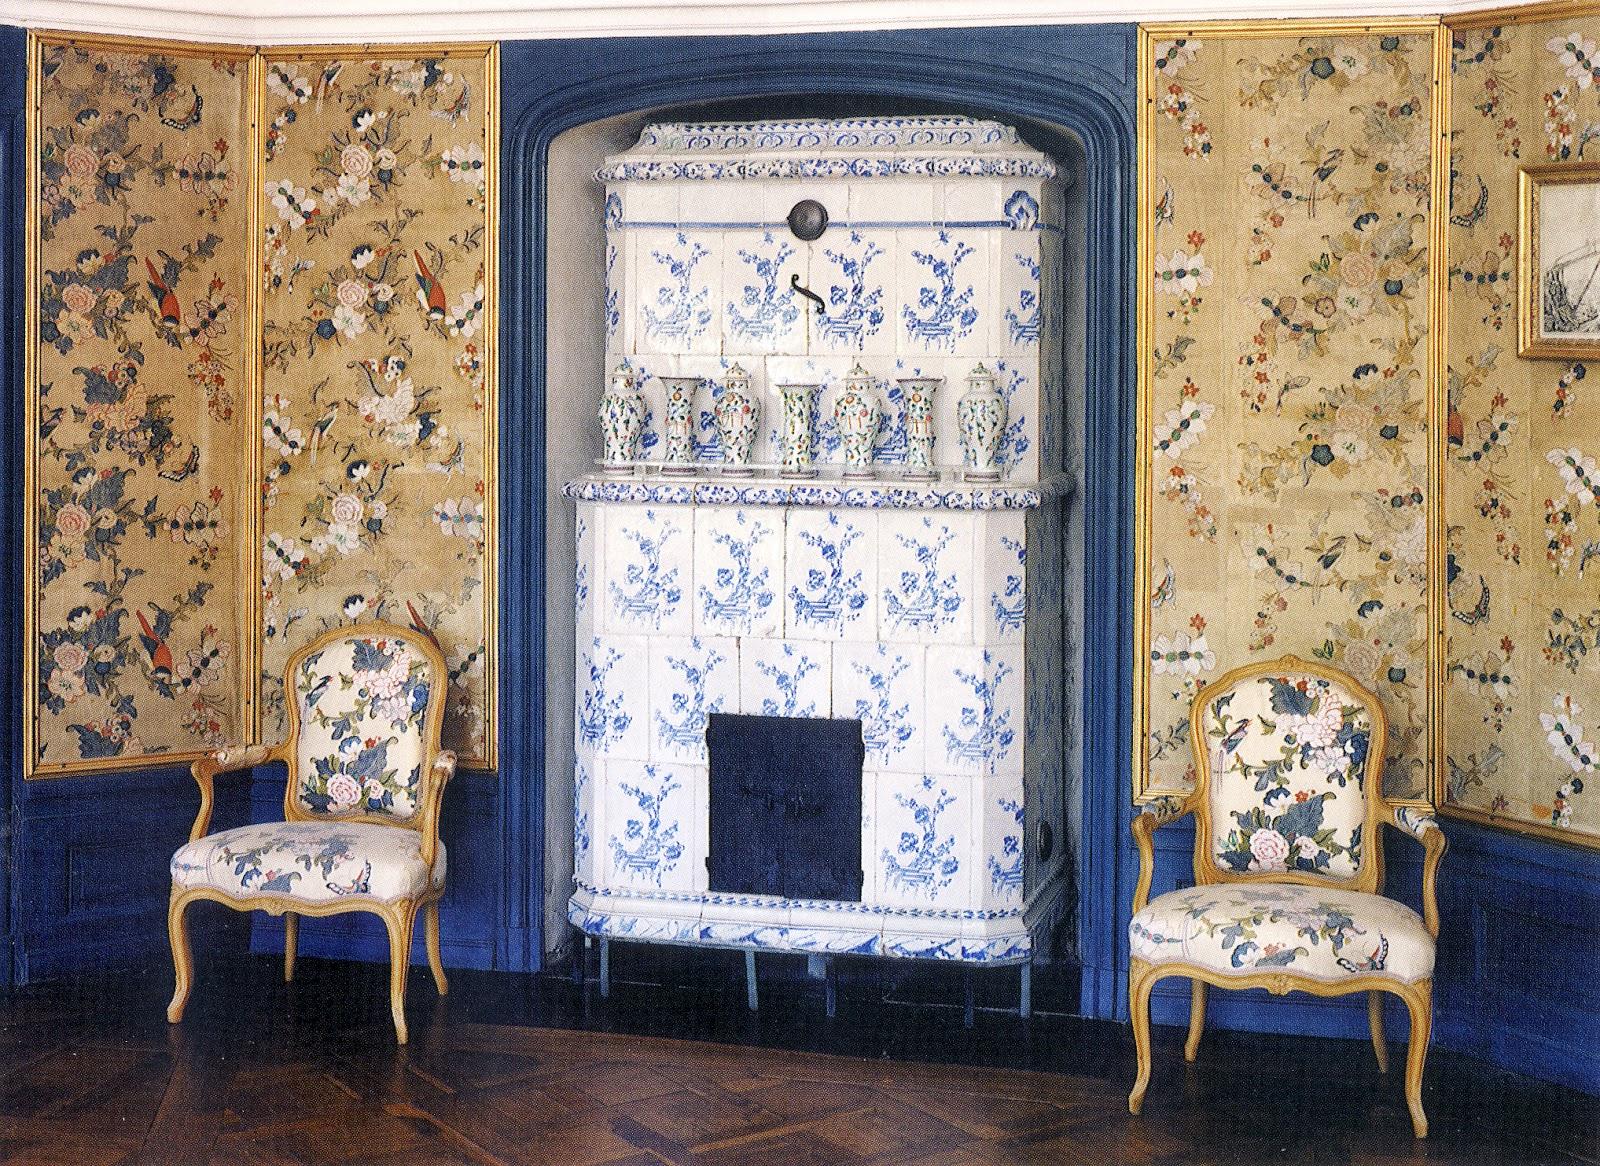 Kina slott vid drottningsholm   ladies abroad